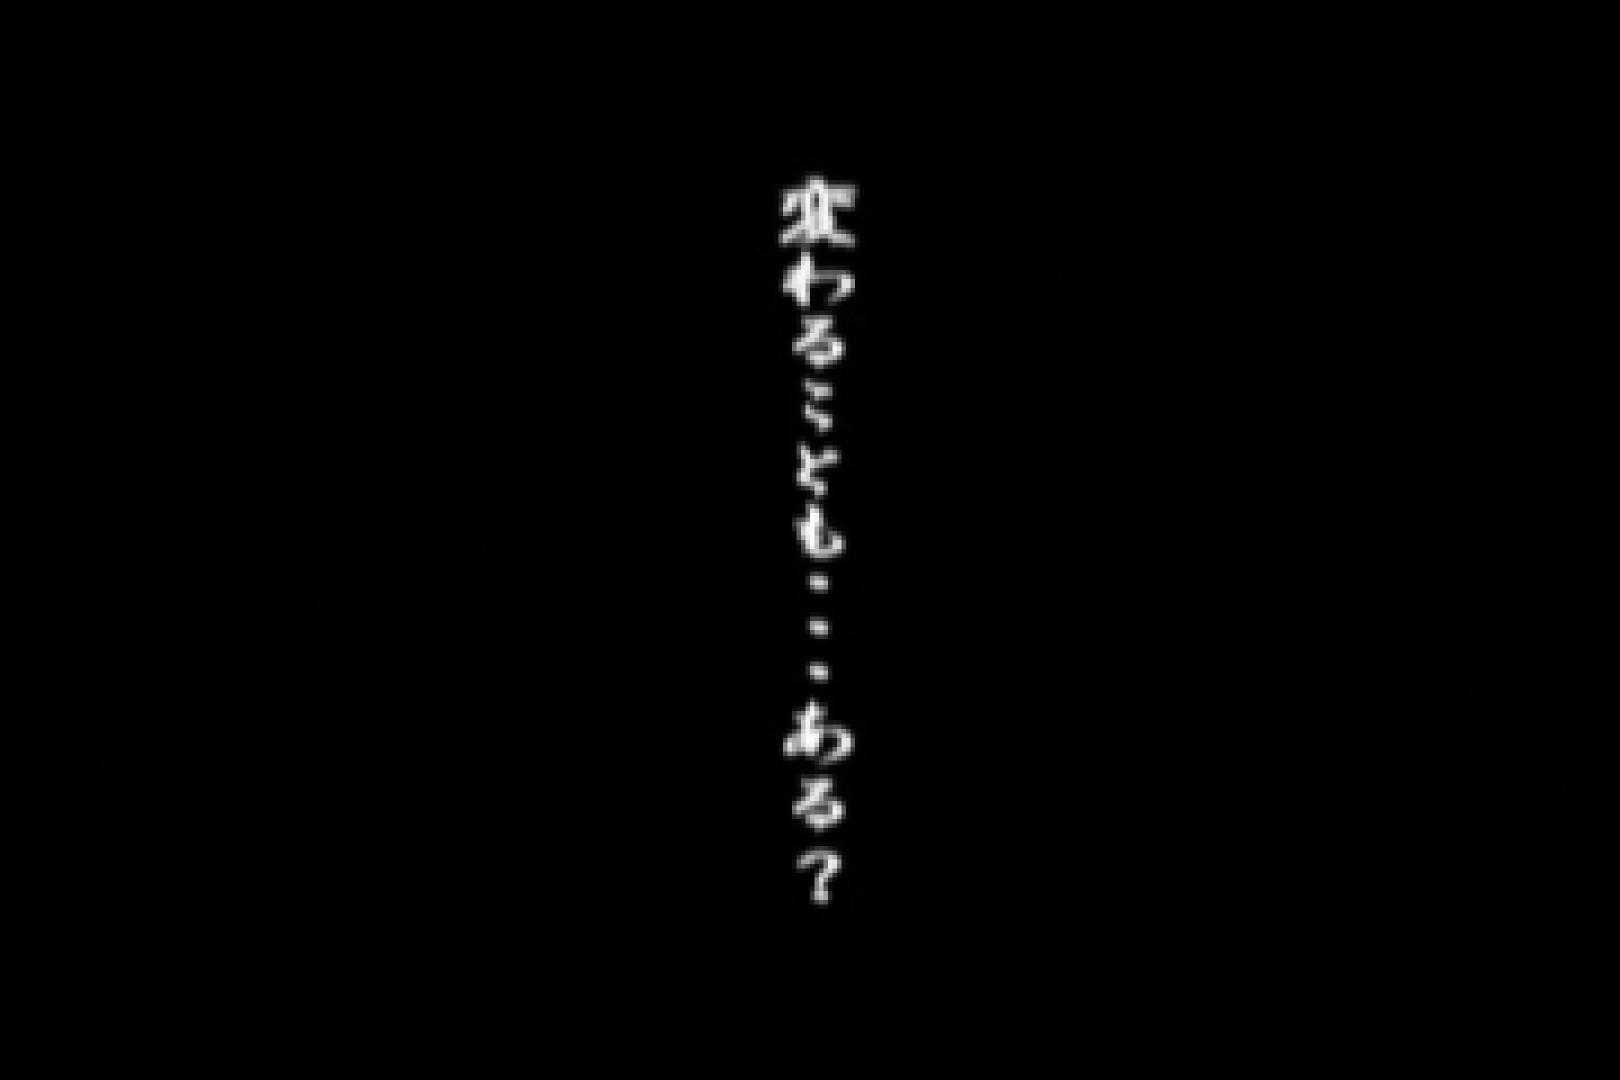 剛毛猛!!ジャイアンのアナルFight vol.01 仰天アナル ゲイモロ画像 46pic 3